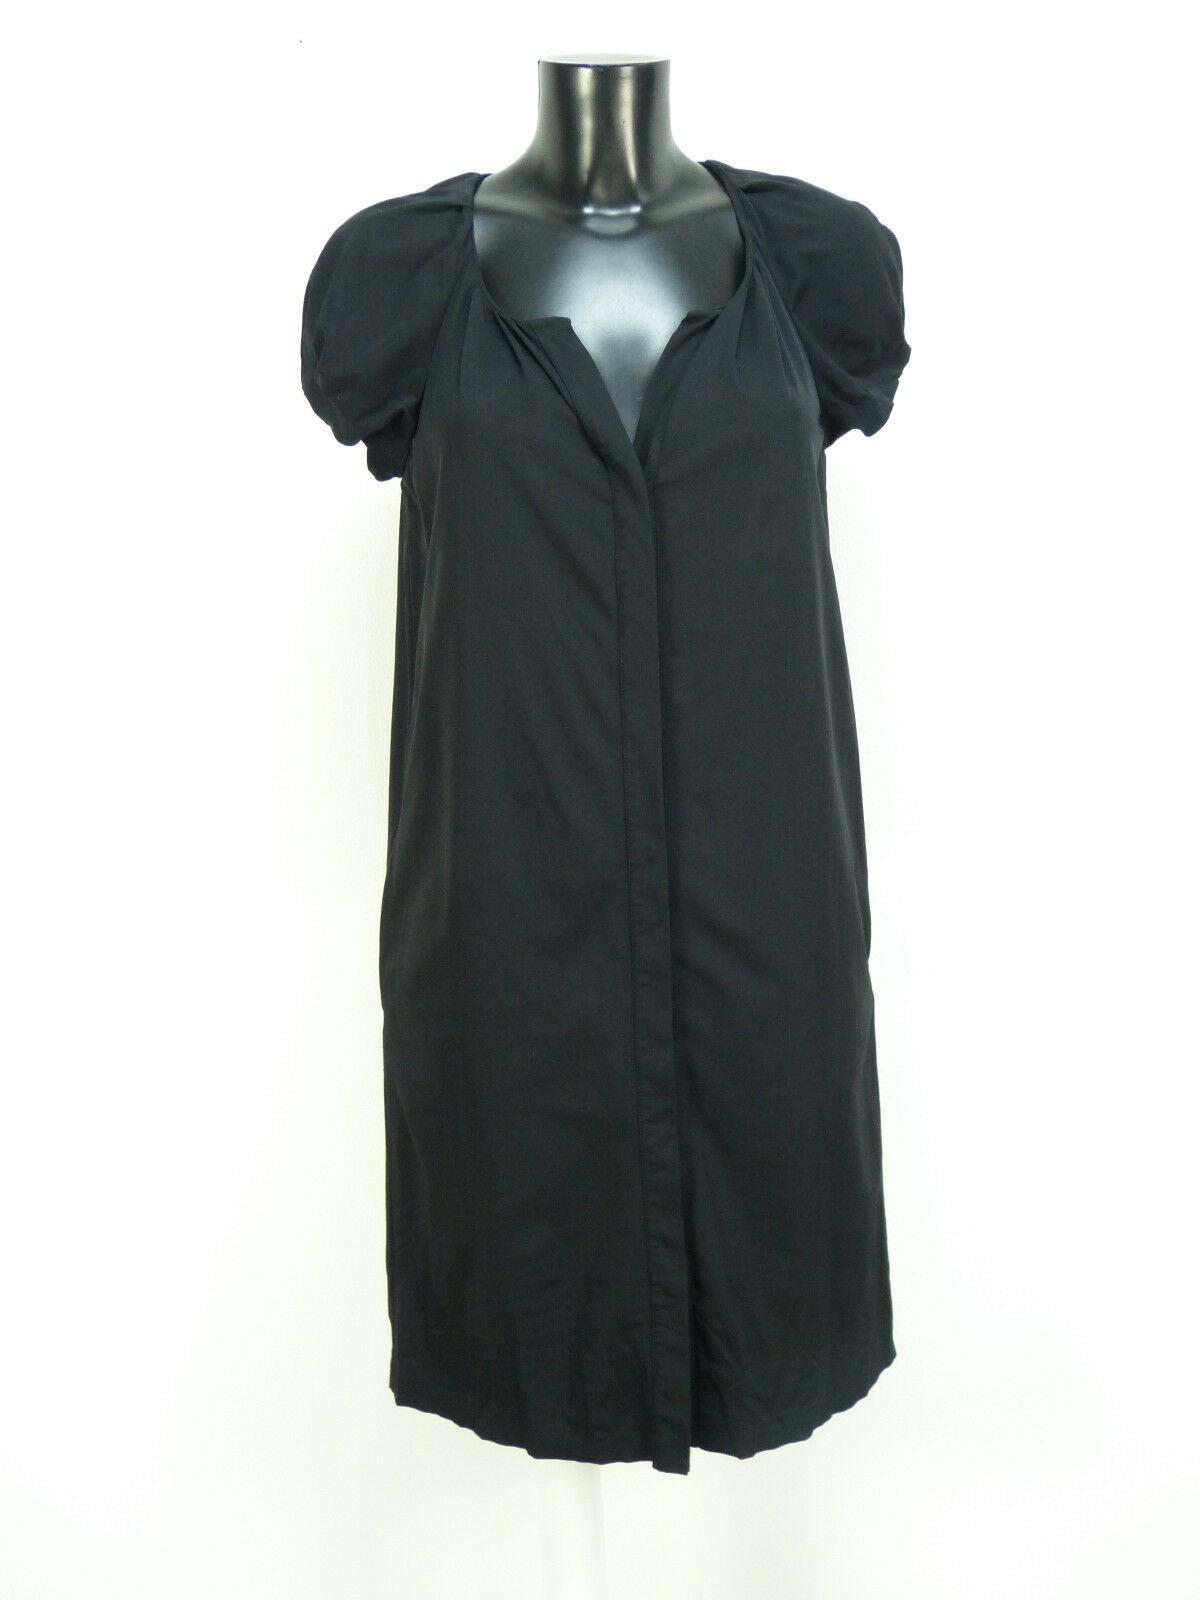 20 Ausgezeichnet Schwarzes Kleid Größe 50 für 2019Designer Schön Schwarzes Kleid Größe 50 Stylish